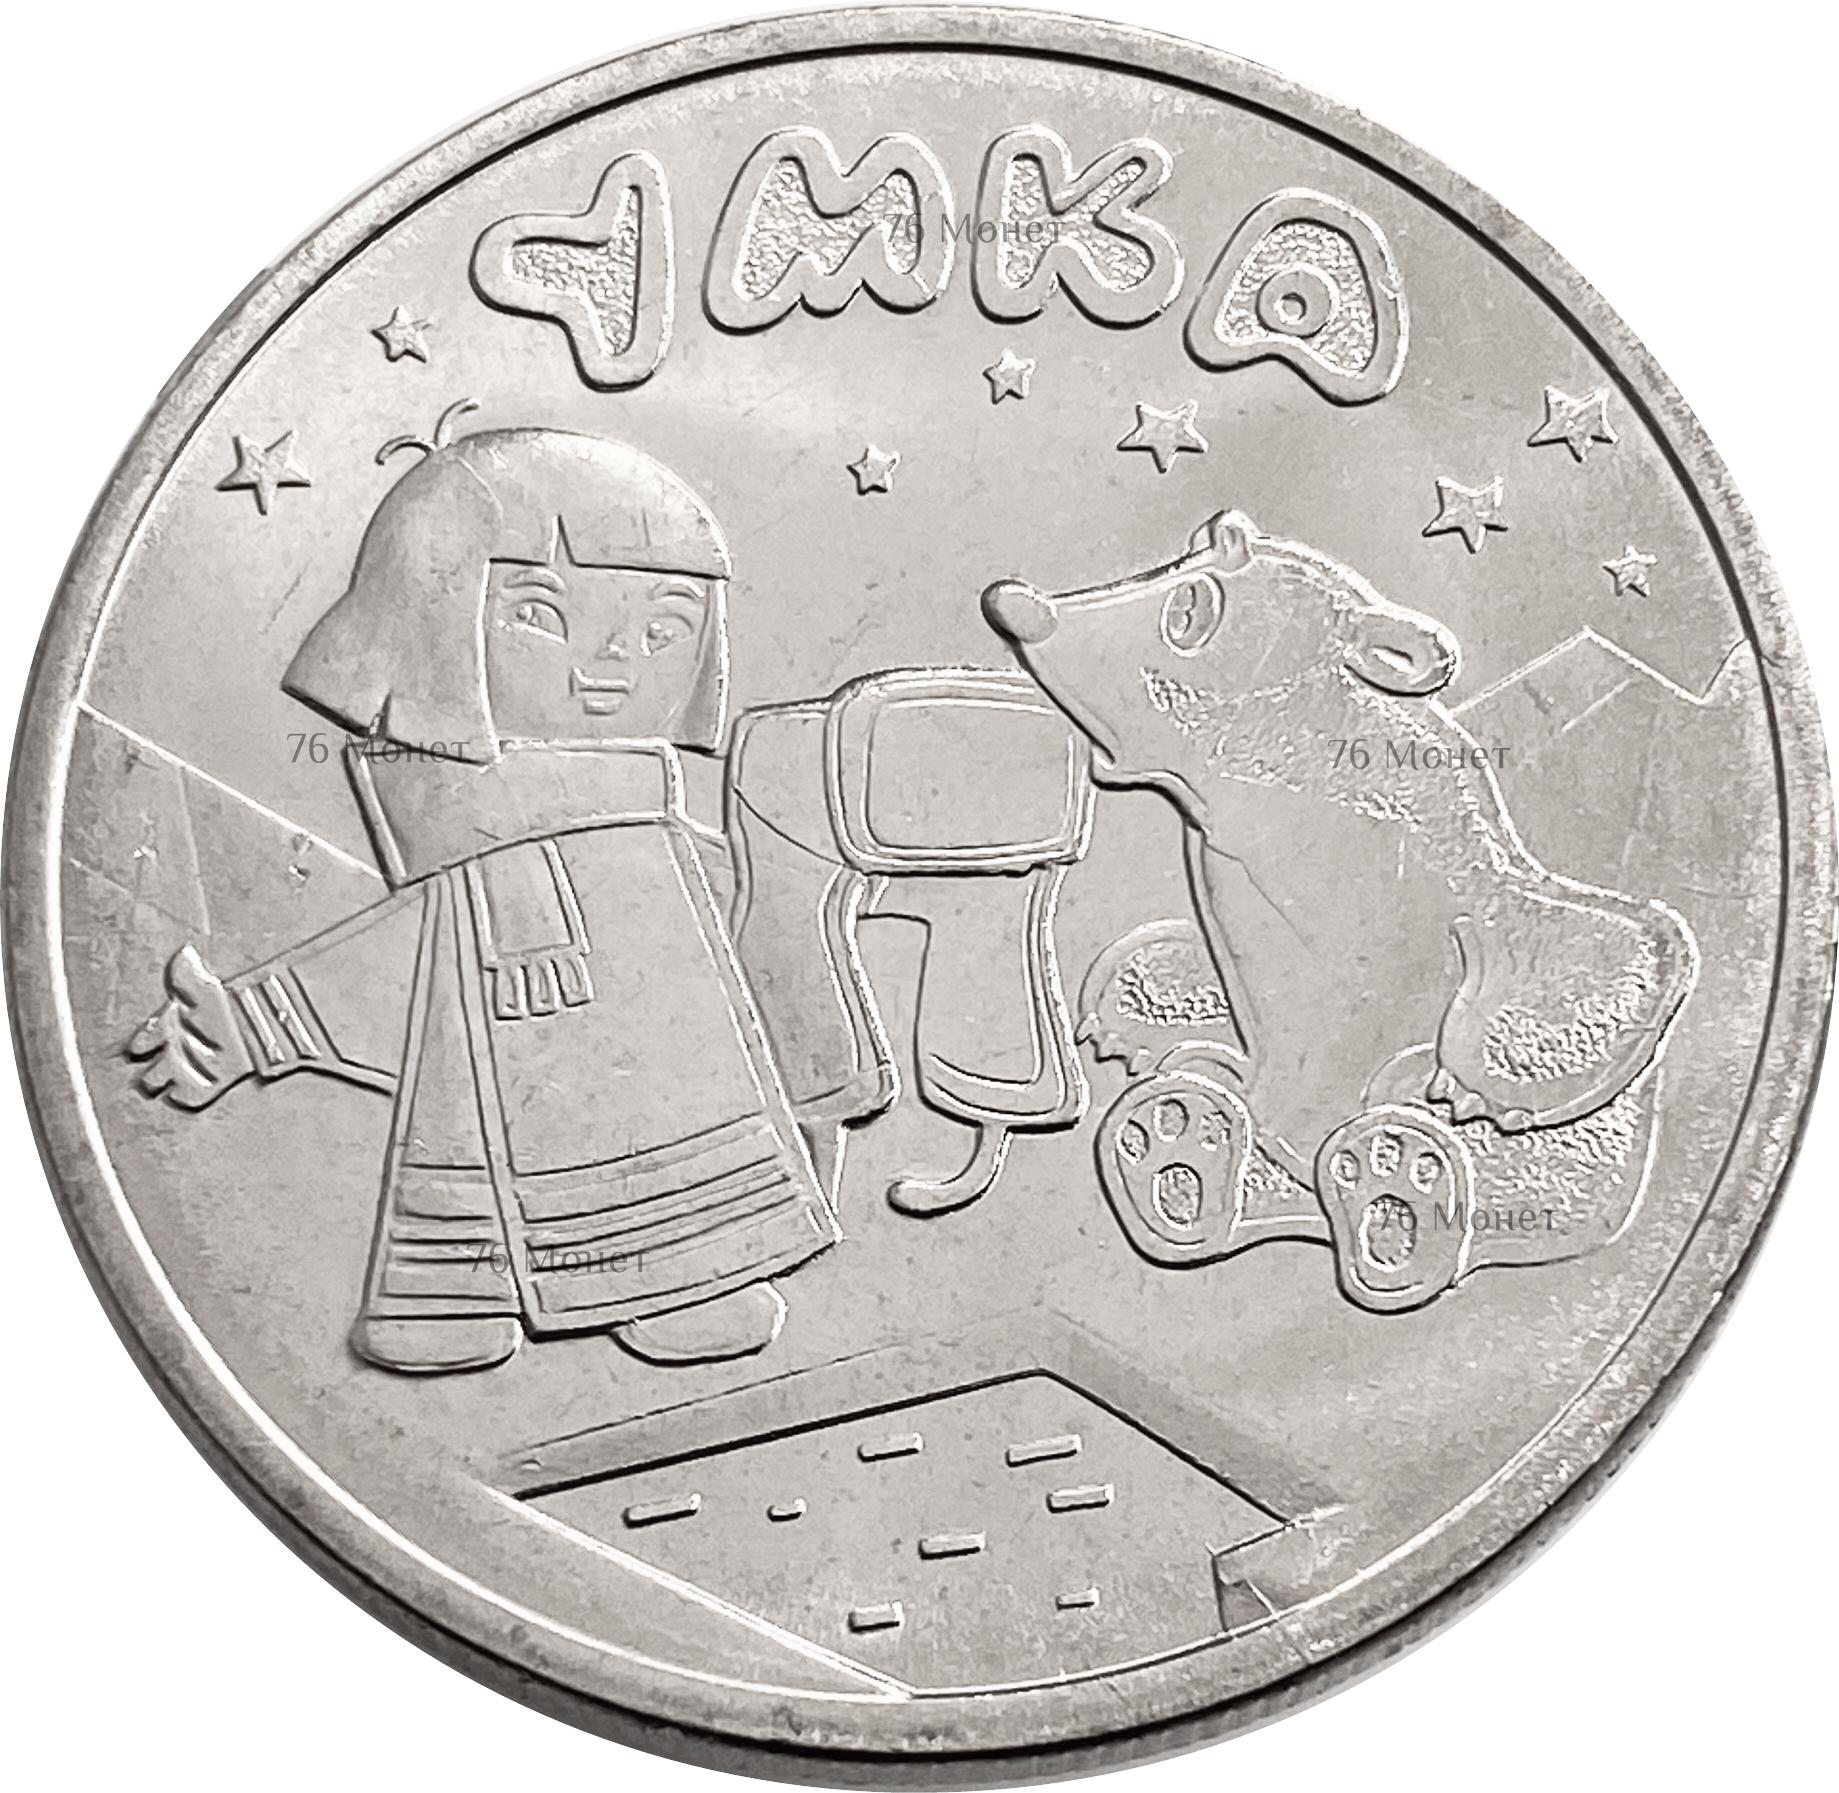 25 рублей 2021 мультфильм «Умка» (в обычном исполнении)